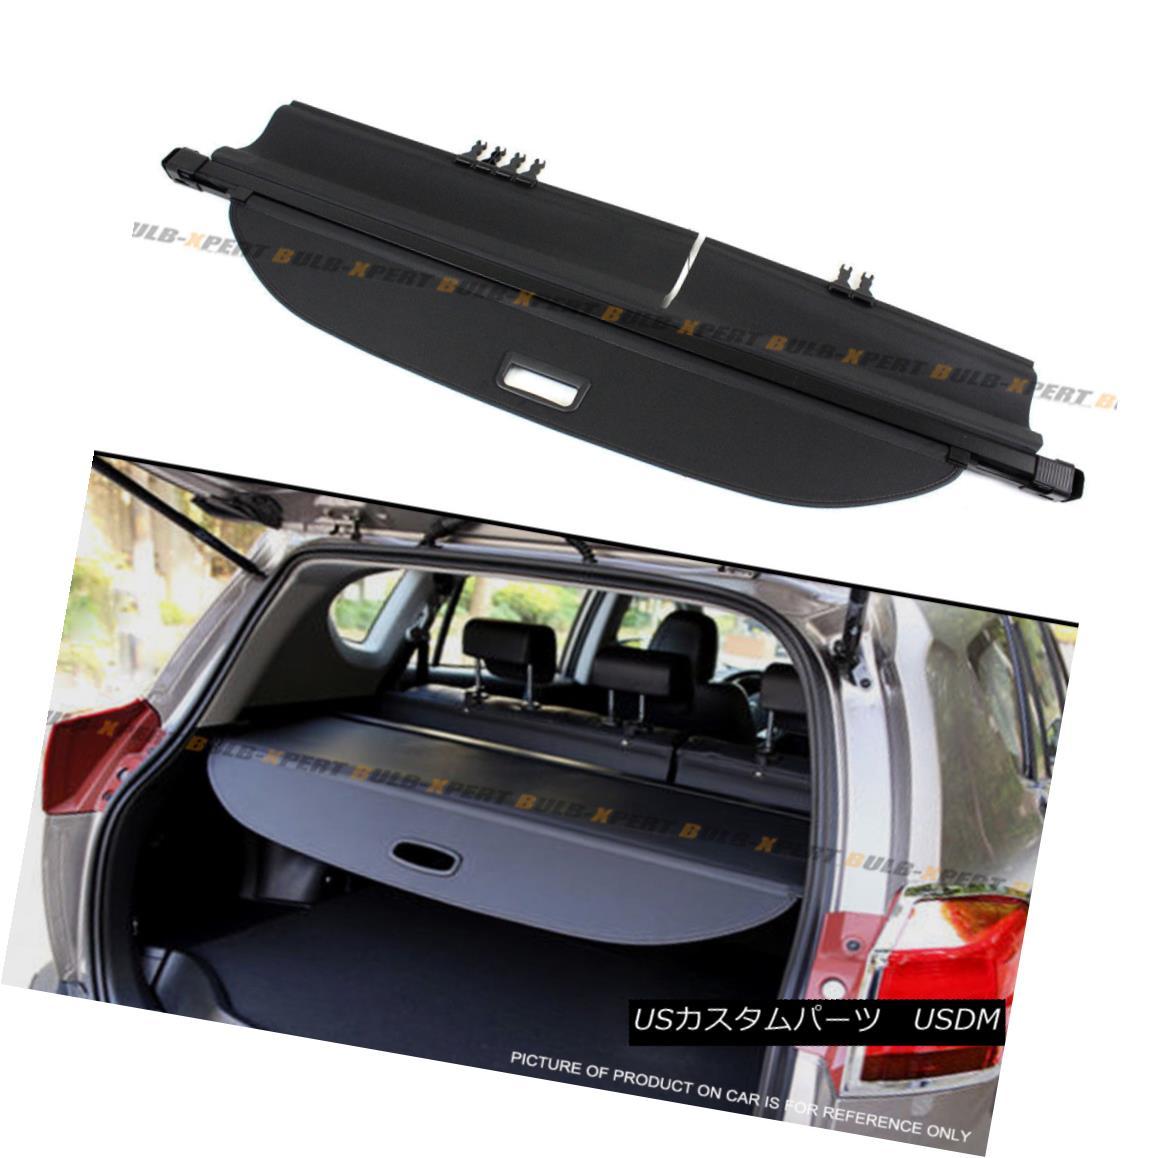 エアロパーツ For 2013-2017 Toyota Rav4 SUV Retractable Rear Trunk Cargo Cover Luggage Shade Toyota Rav4 SUVリトラクタブルリアトランクカーゴカバー荷物シェード